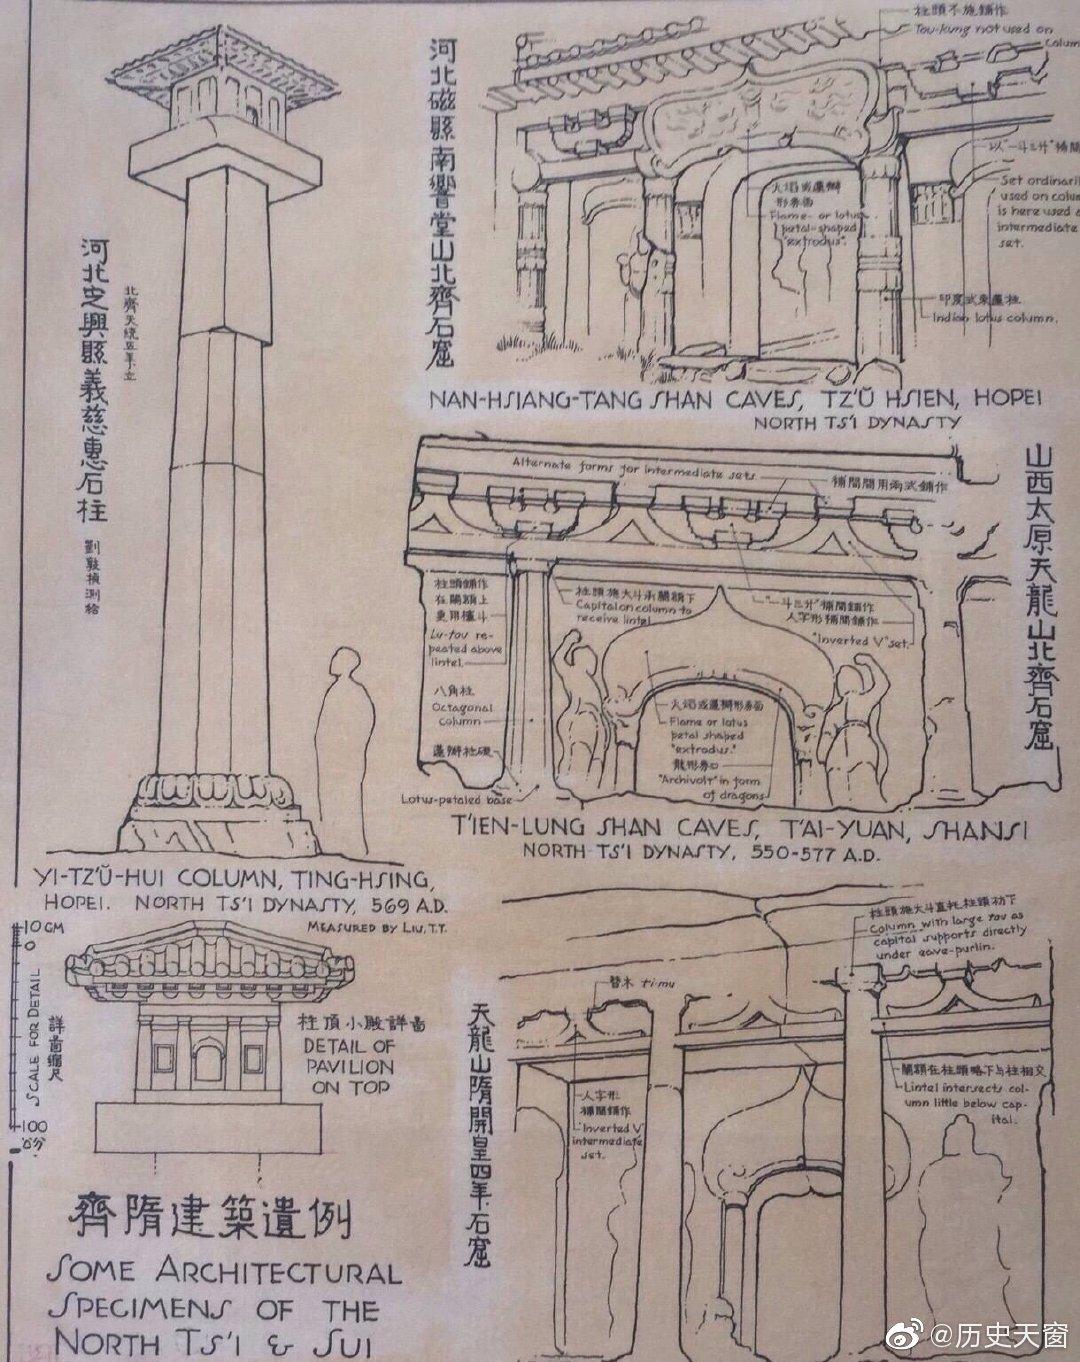 梁思成 · 《中国建筑史手绘图》